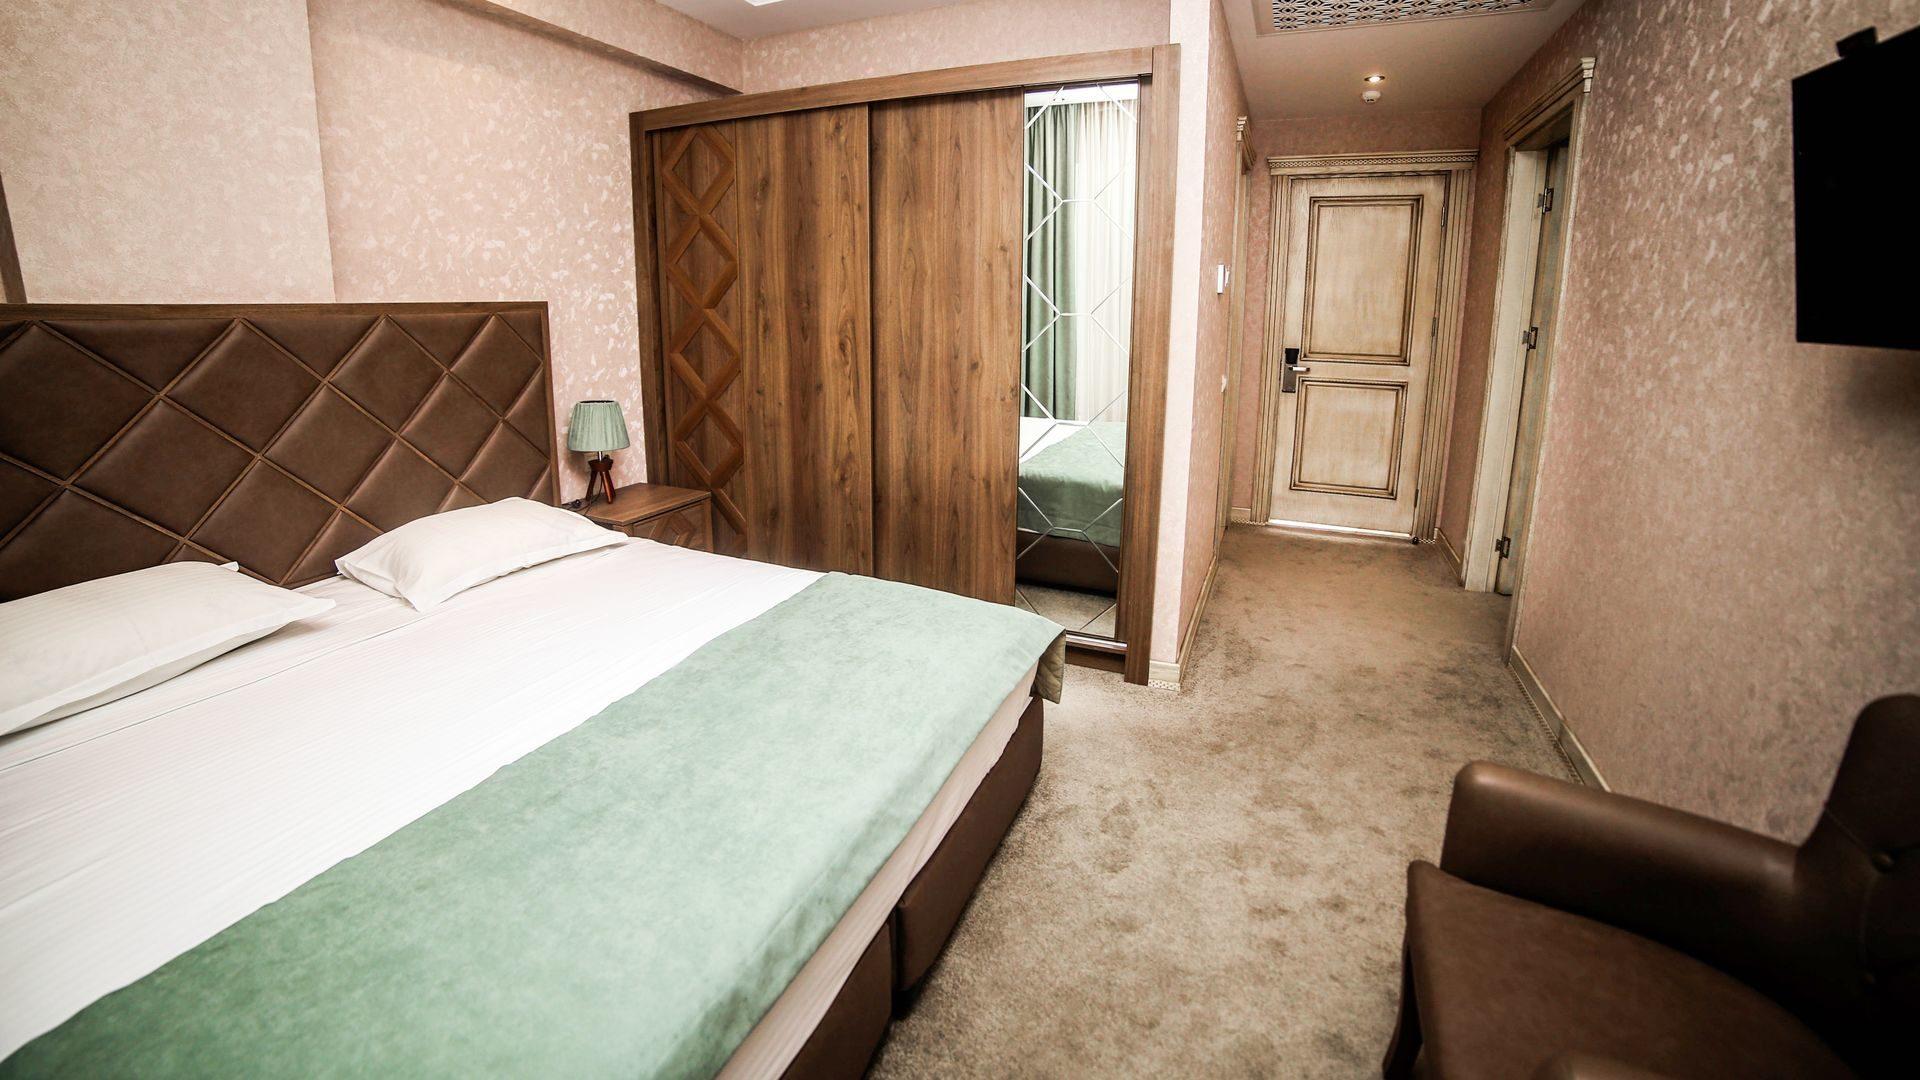 Family room of the Grand hotel ''Mimino''